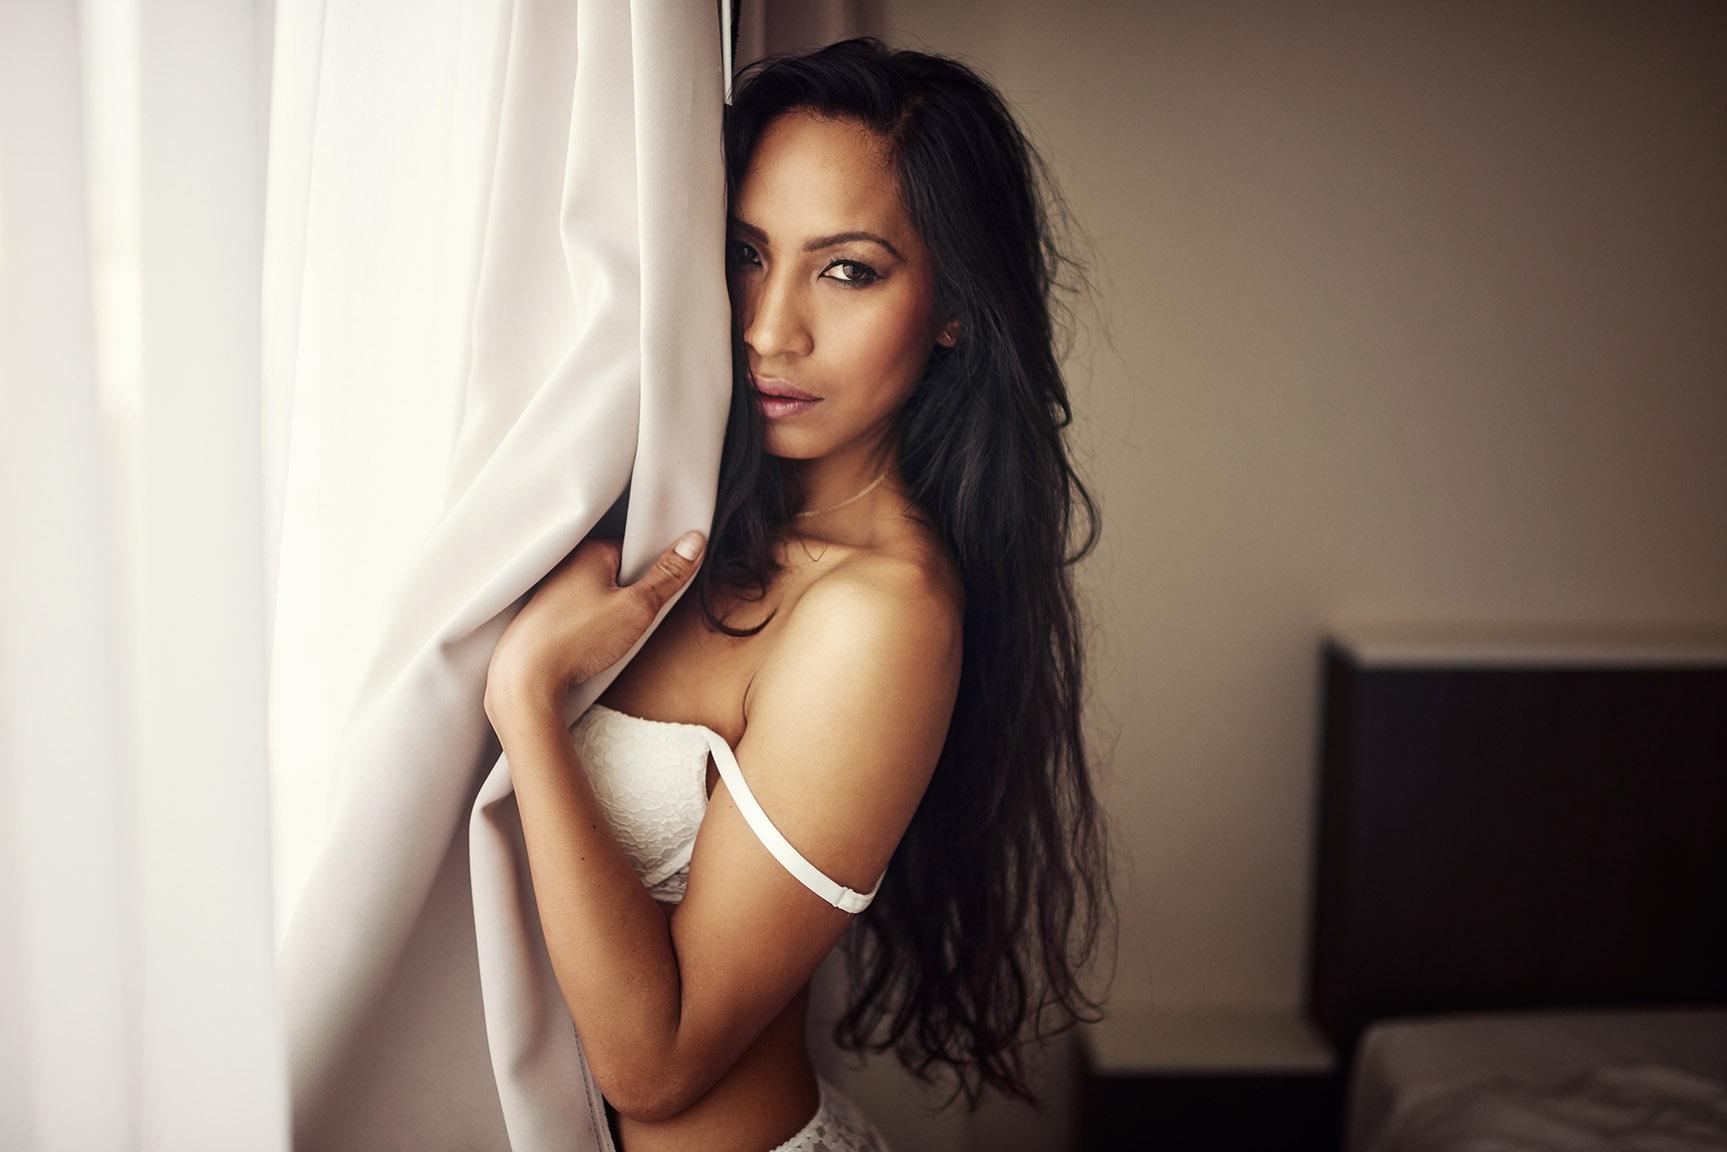 девушки в нижнем белье и эротические портреты фотографа Borremans Romain - lingerie & nude photo